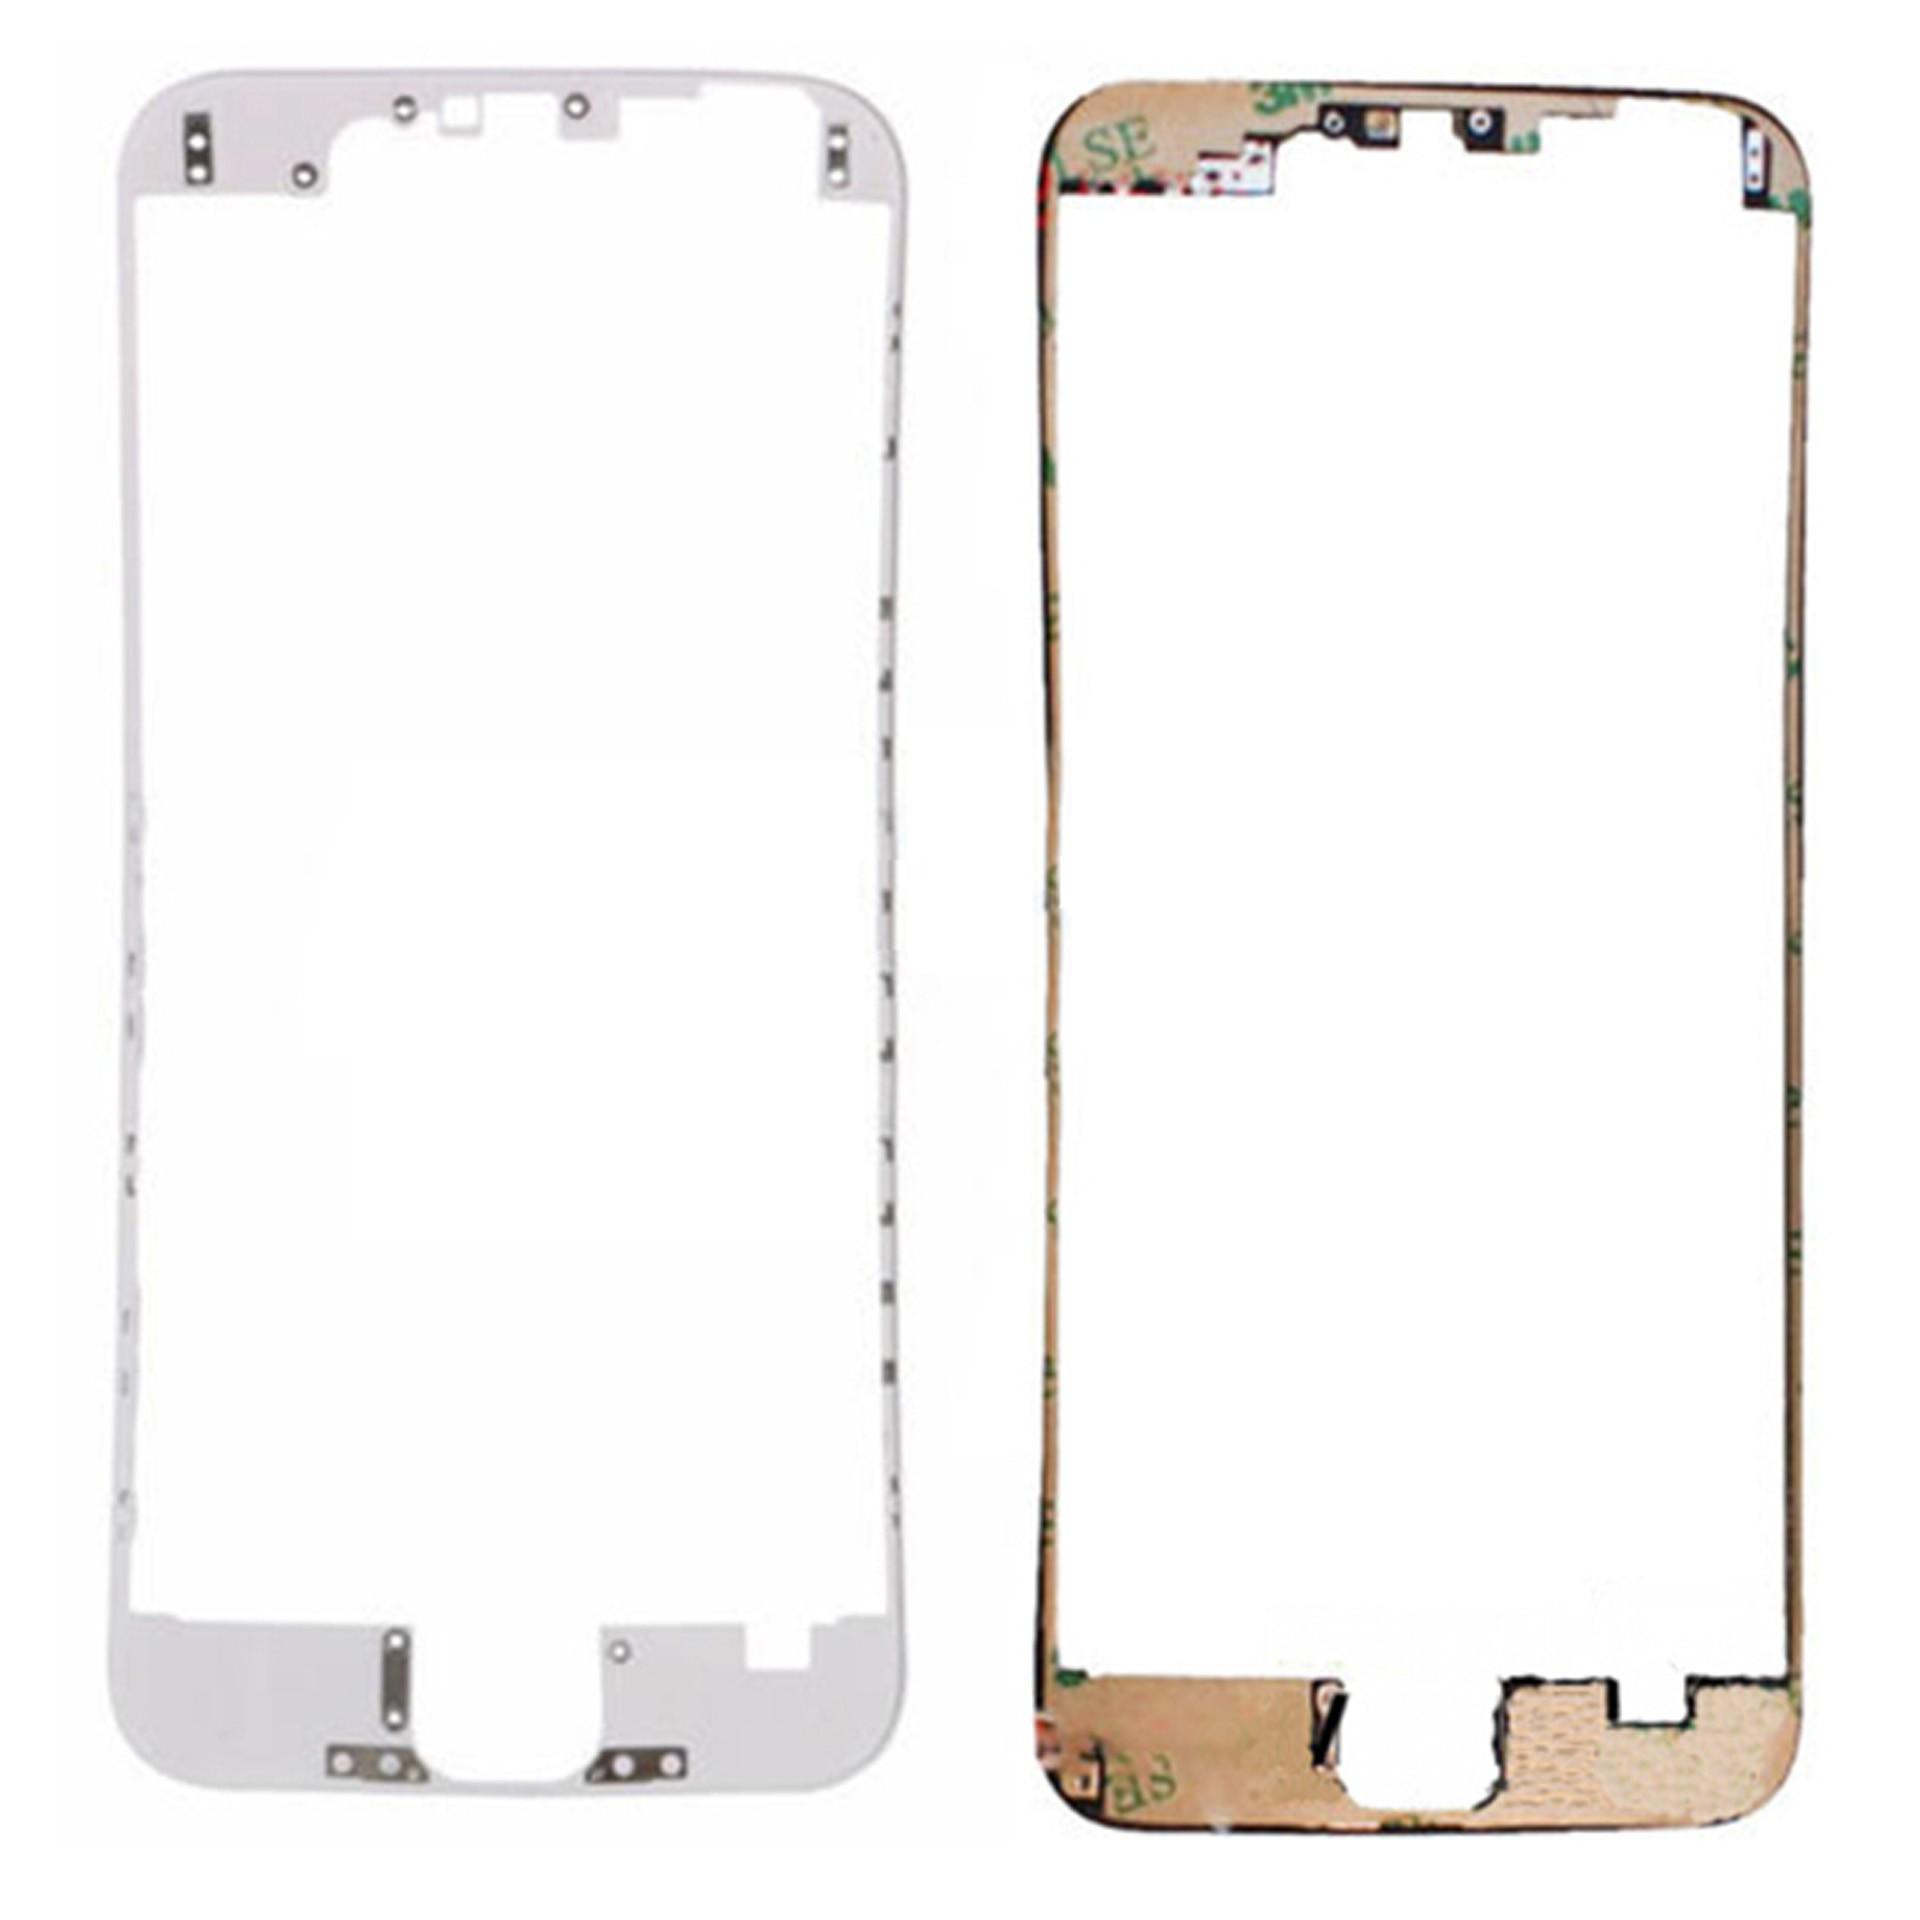 Dispayrahmen für iPhone 6 - Weiß